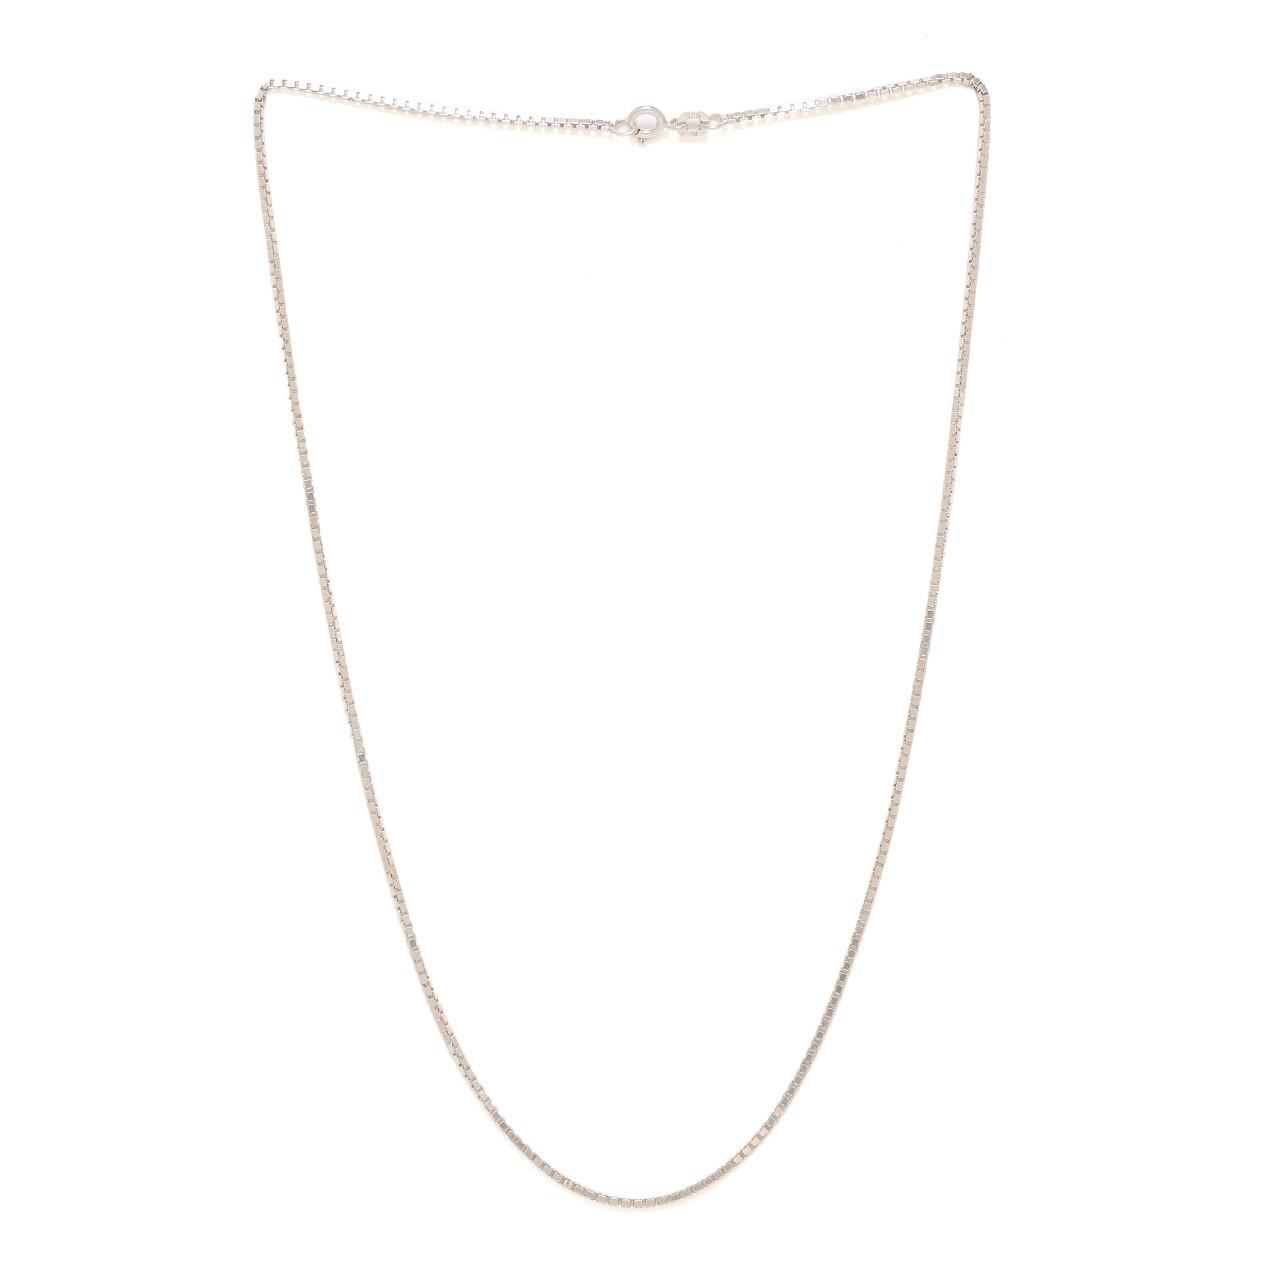 IndusDiva Box Design Necklace Chain